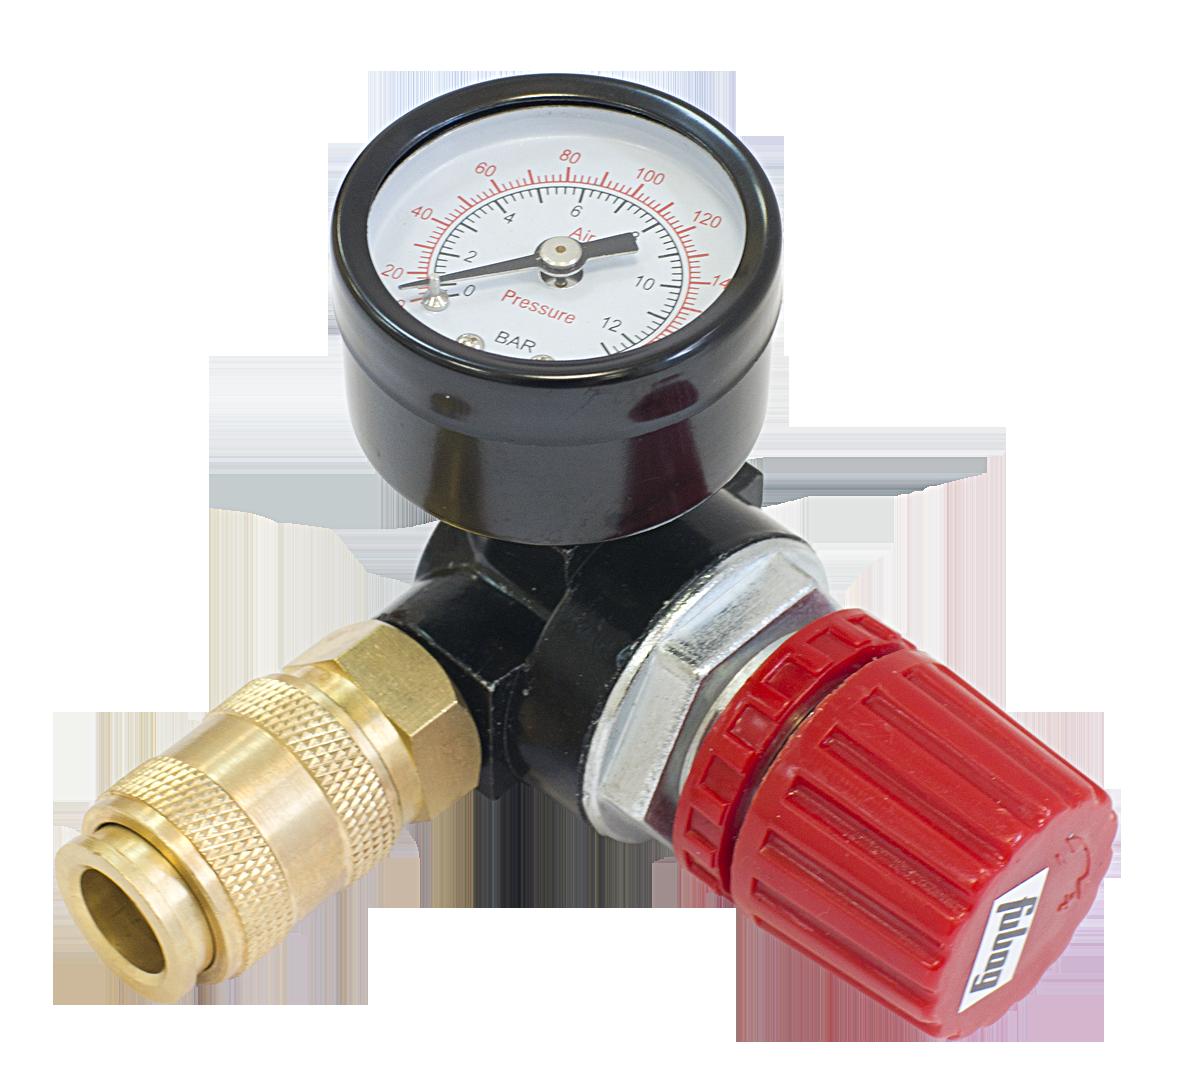 Регулятор давления Fubag RD-001 220001